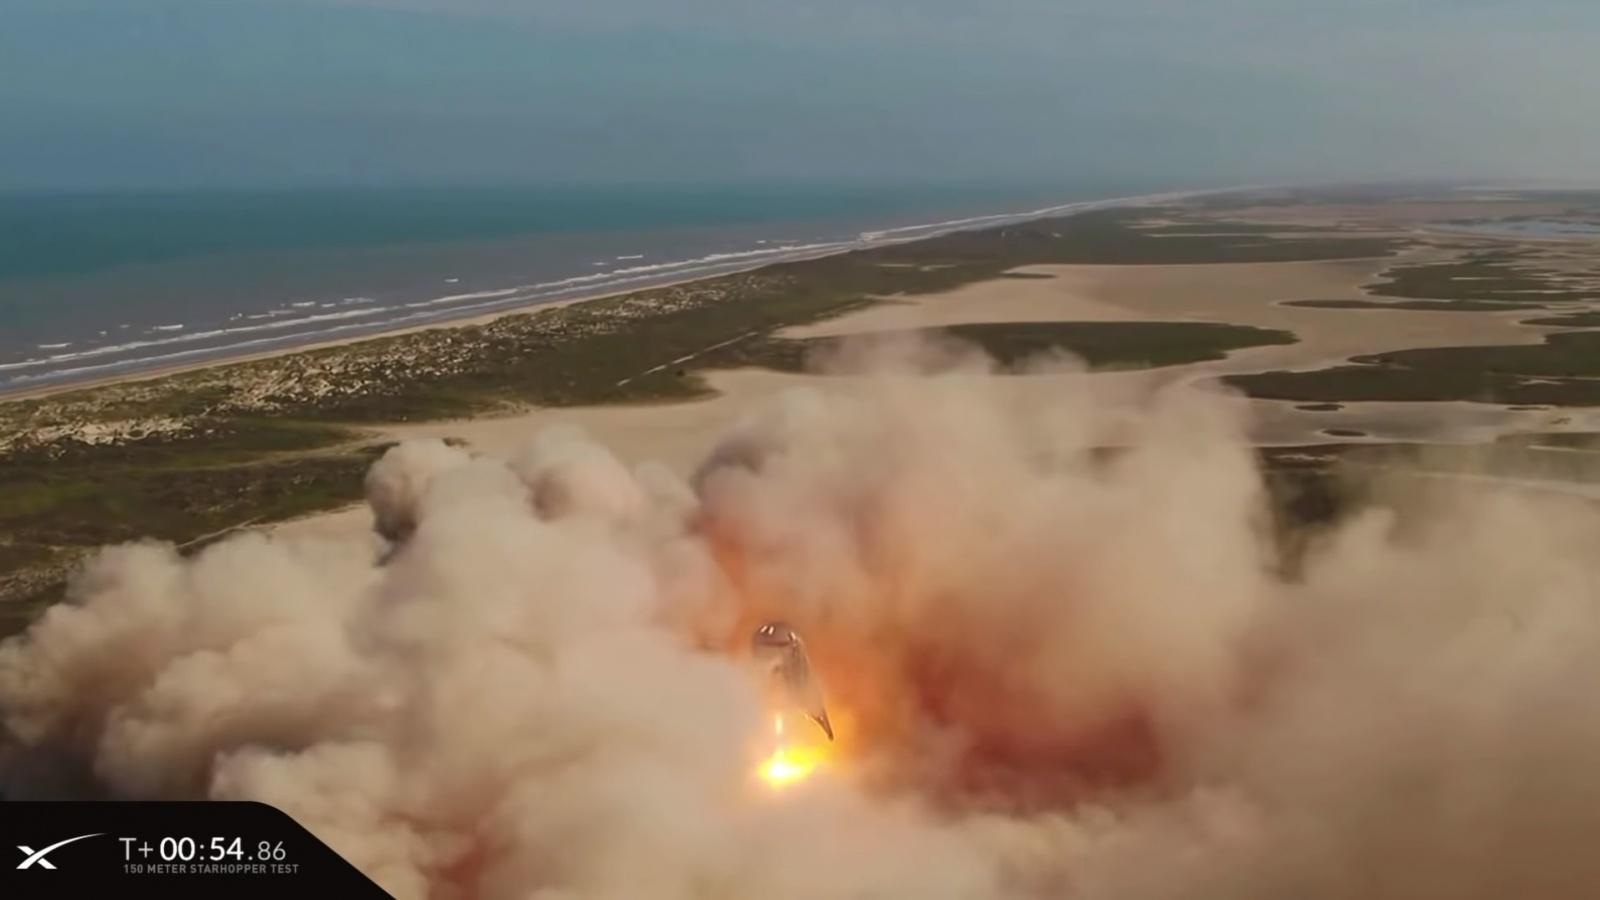 SpaceX провела летные испытания прототипа ракеты Starship — взлет на высоту 150 метров и мягкая посадка на площадку - 9